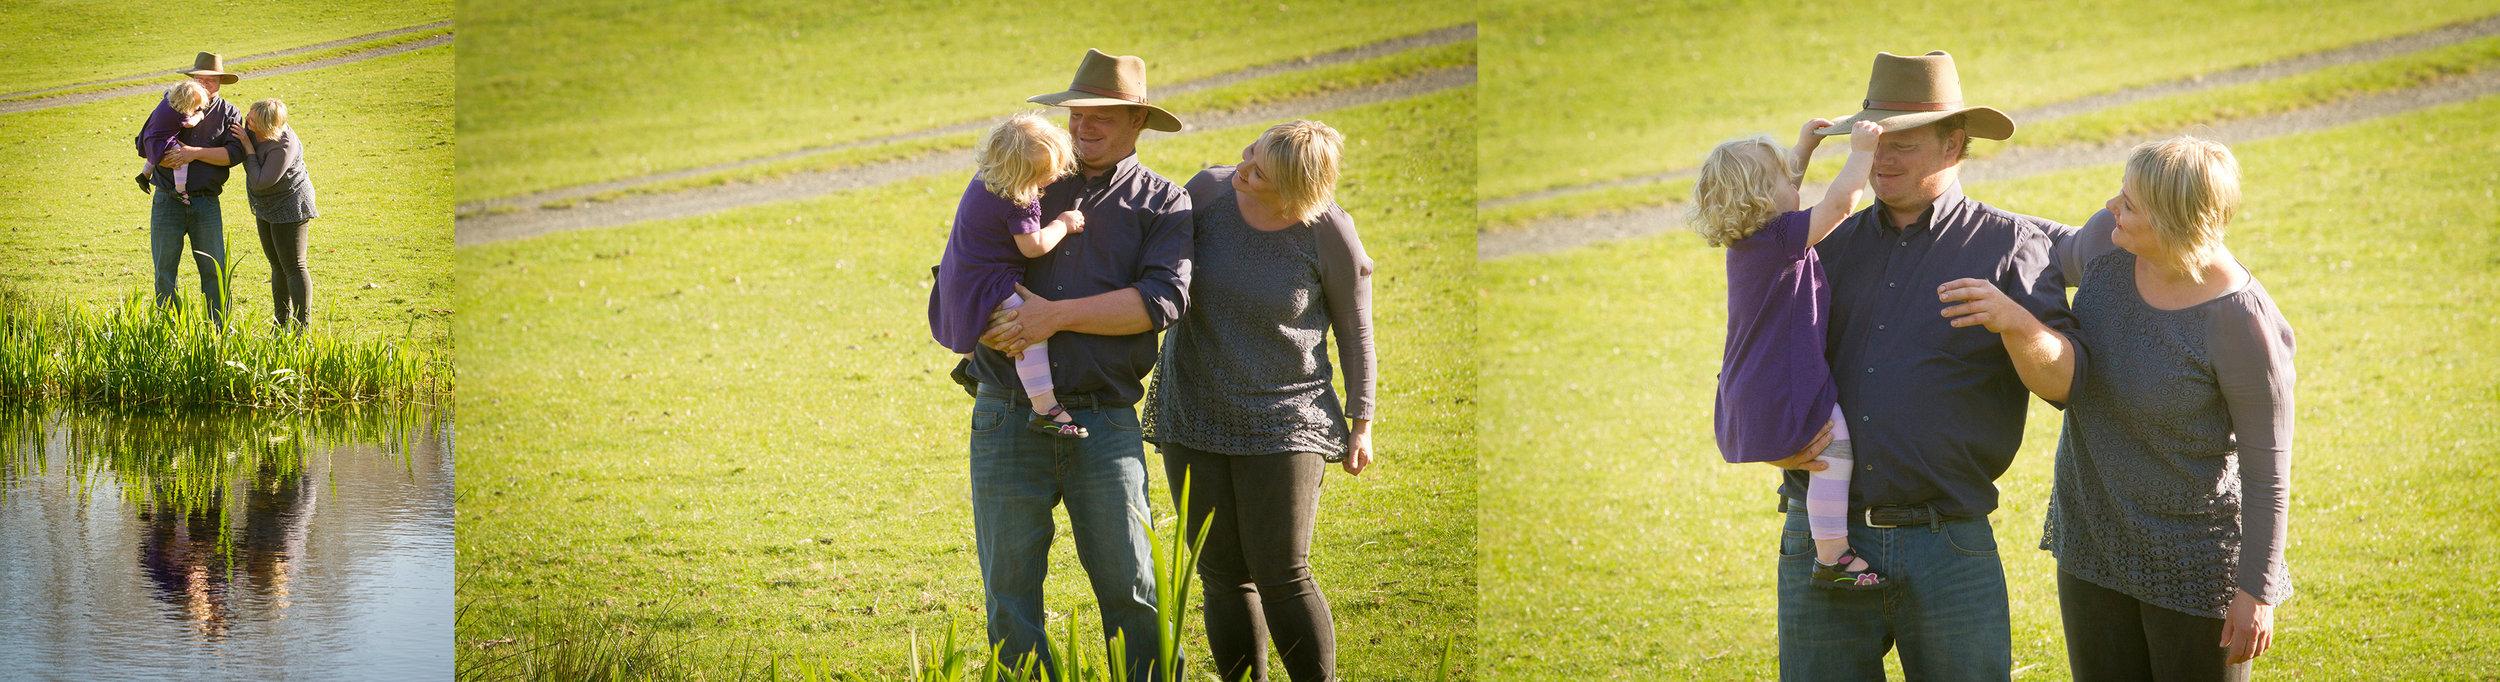 Waikato-family-photographer-Piopio-farm-lifestyle-session.jpg